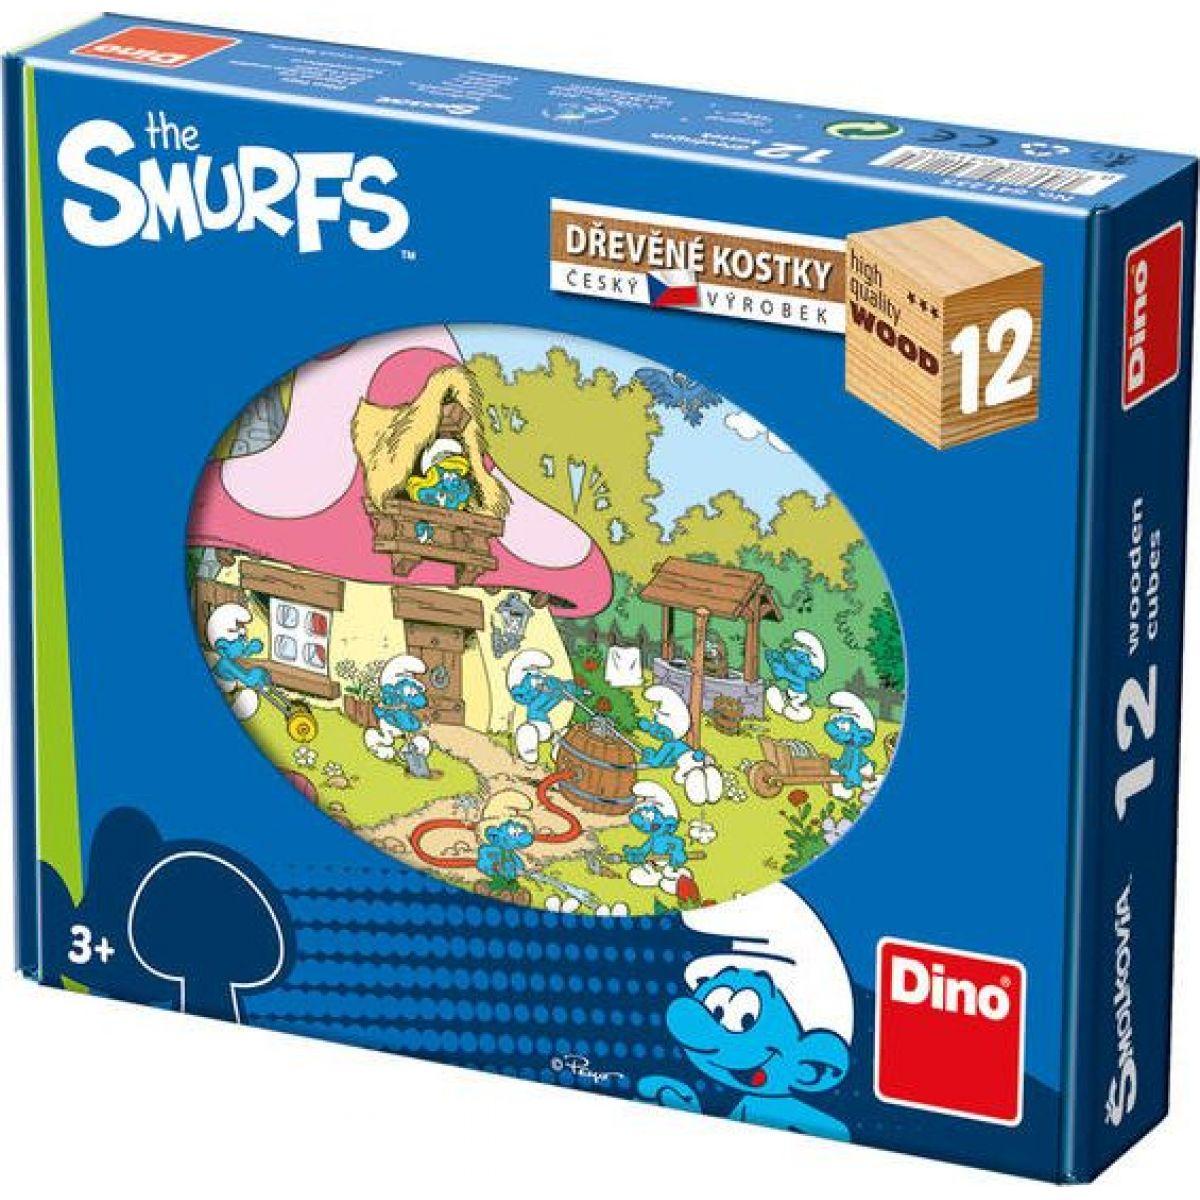 Dino detské drevené kocky Šmoulí rok